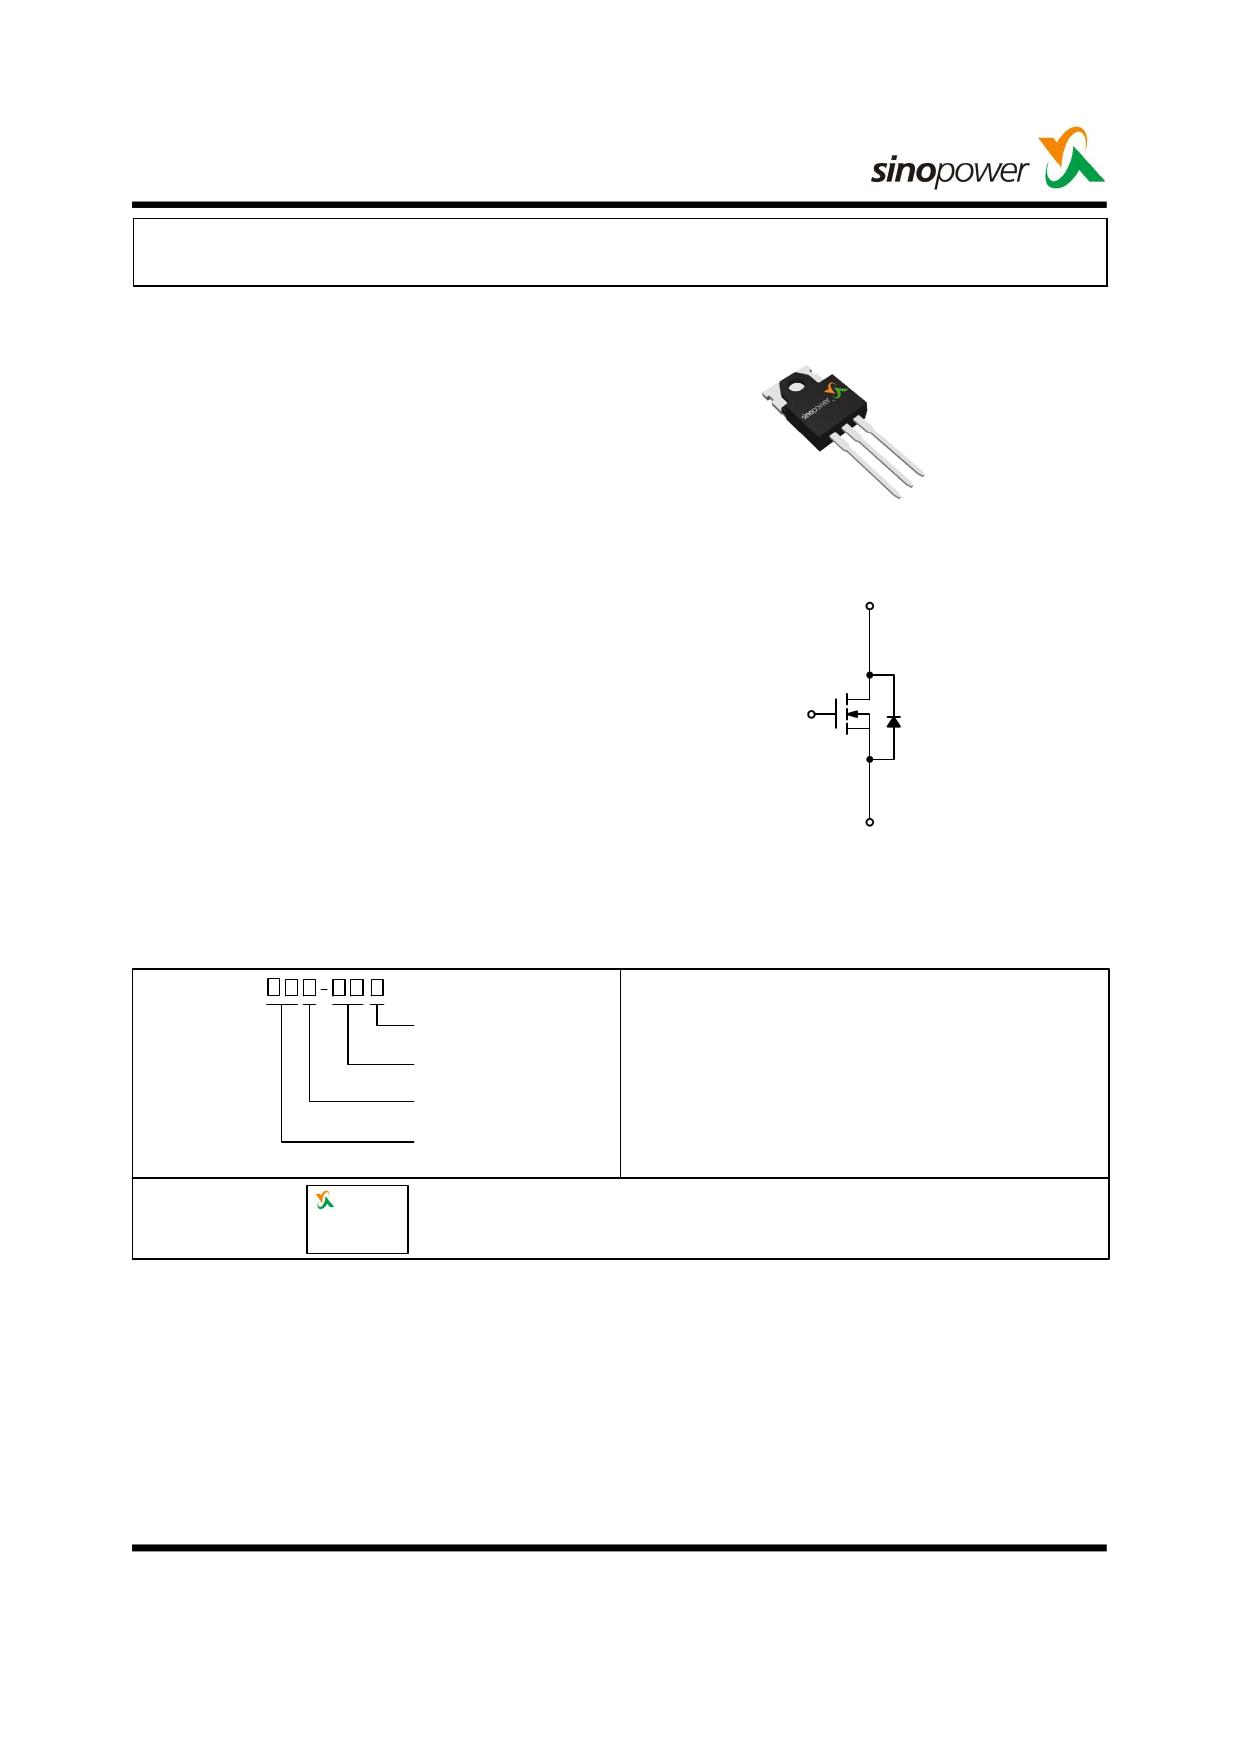 SM7580NSFH datasheet